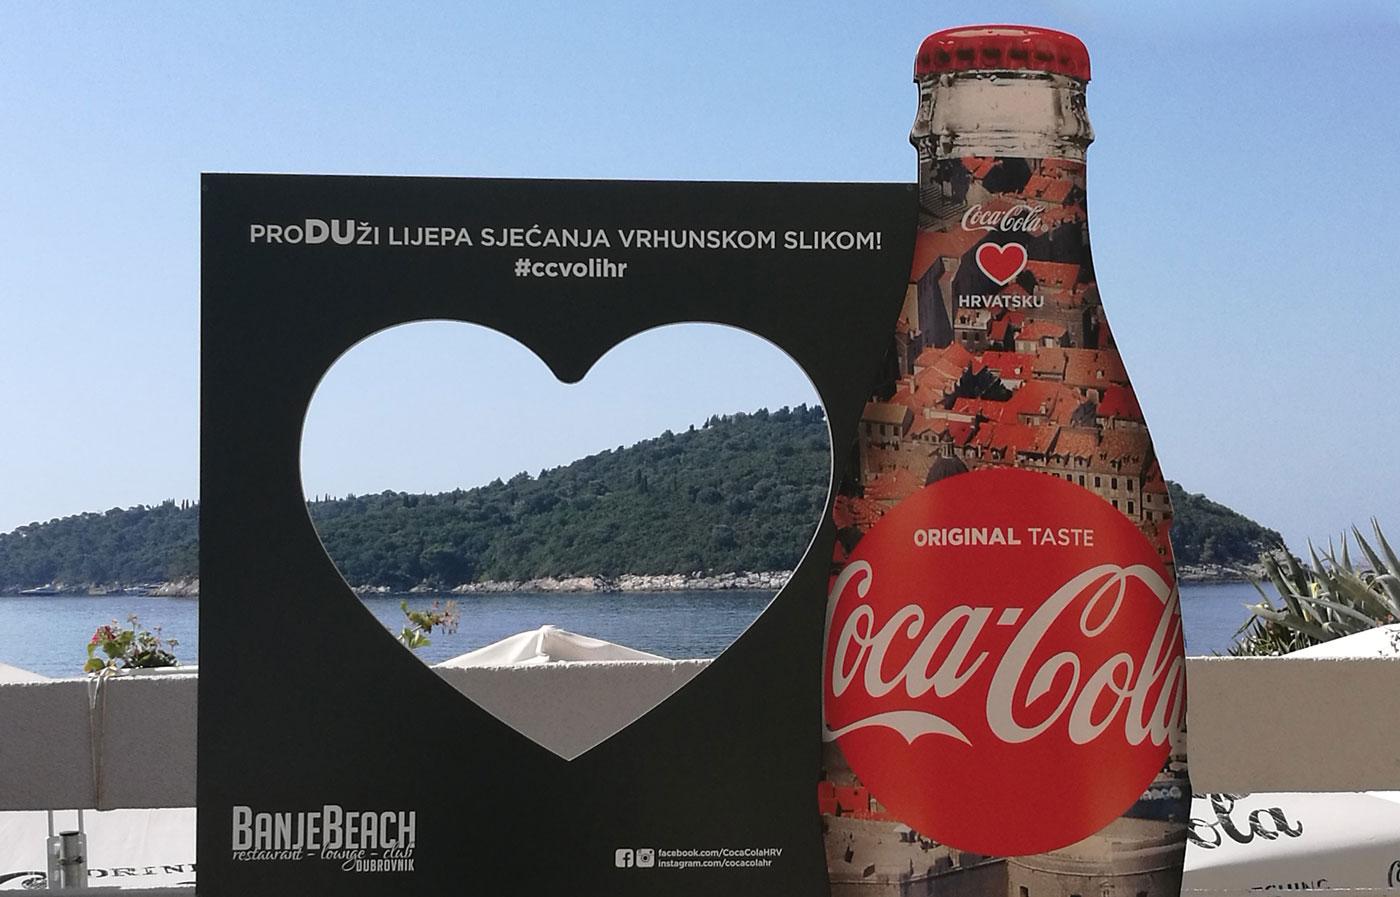 masavukmanovic.com - coca-cola voli hrvatsku 02